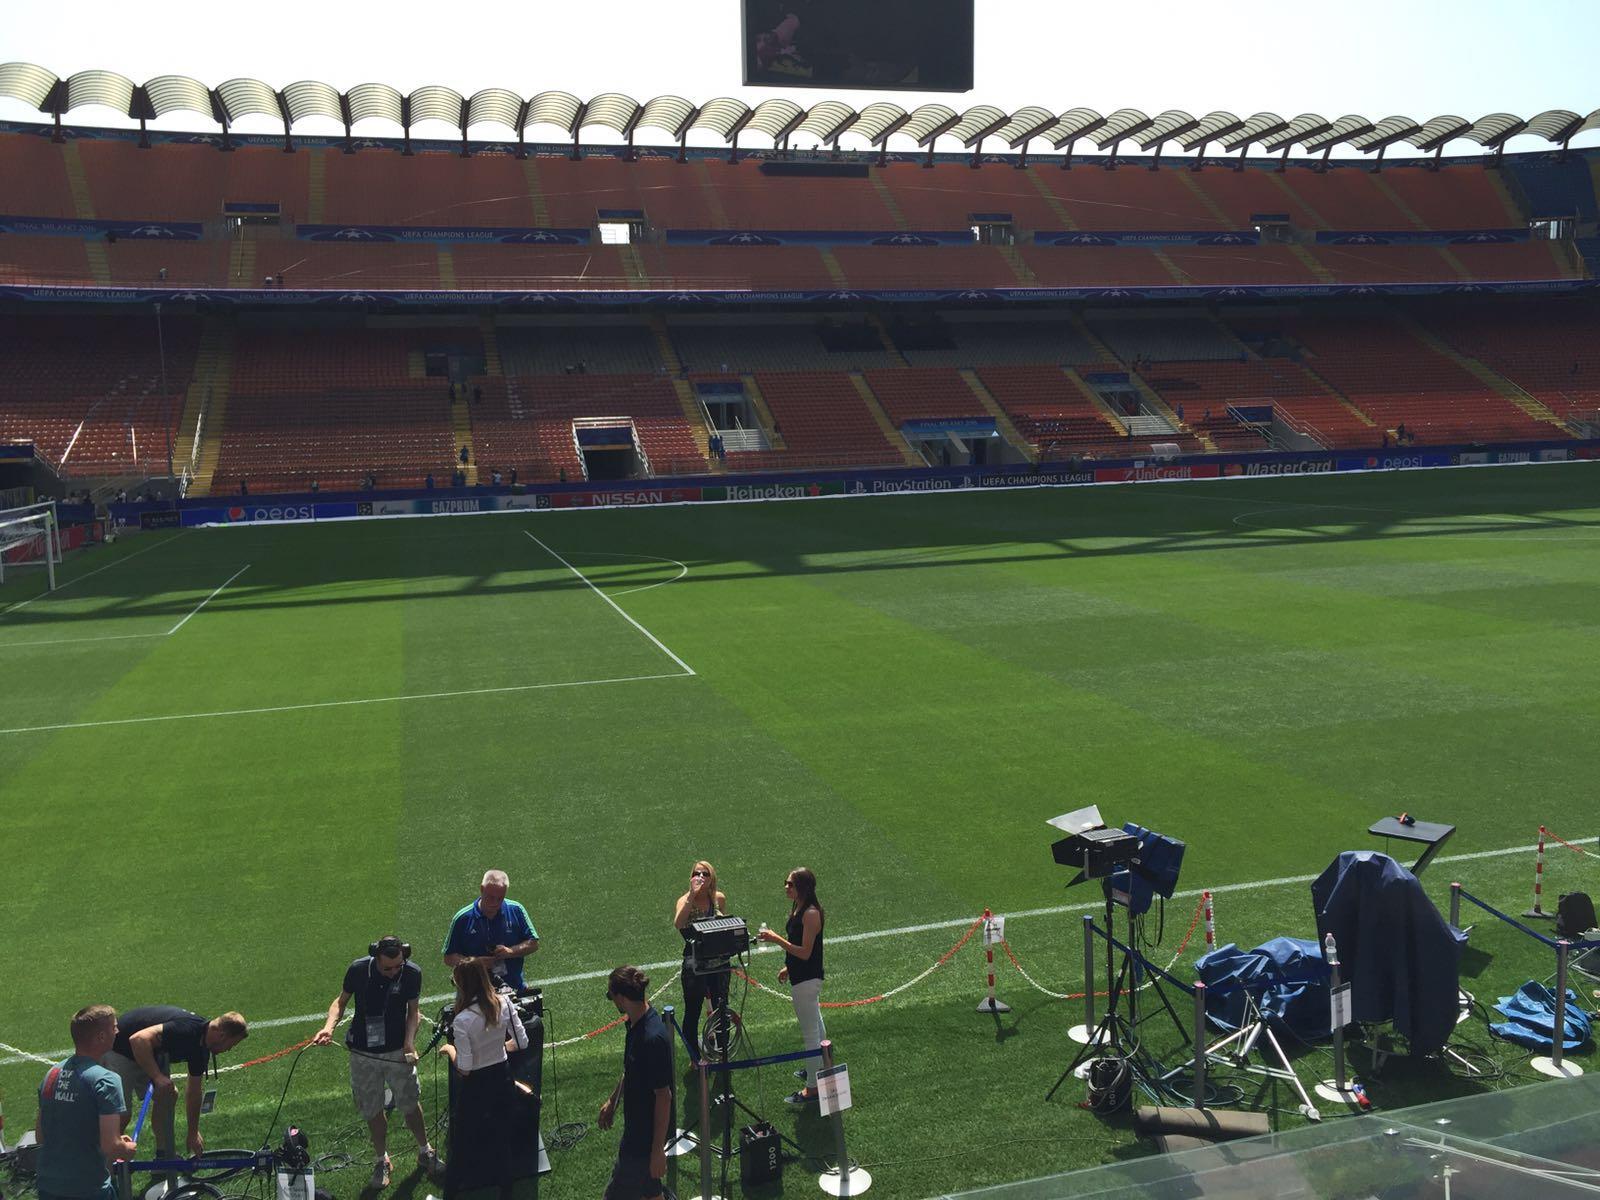 FOTO - I lavori svolti allo stadio San Sirodalla ditta cosentina prima della finale di Champions League